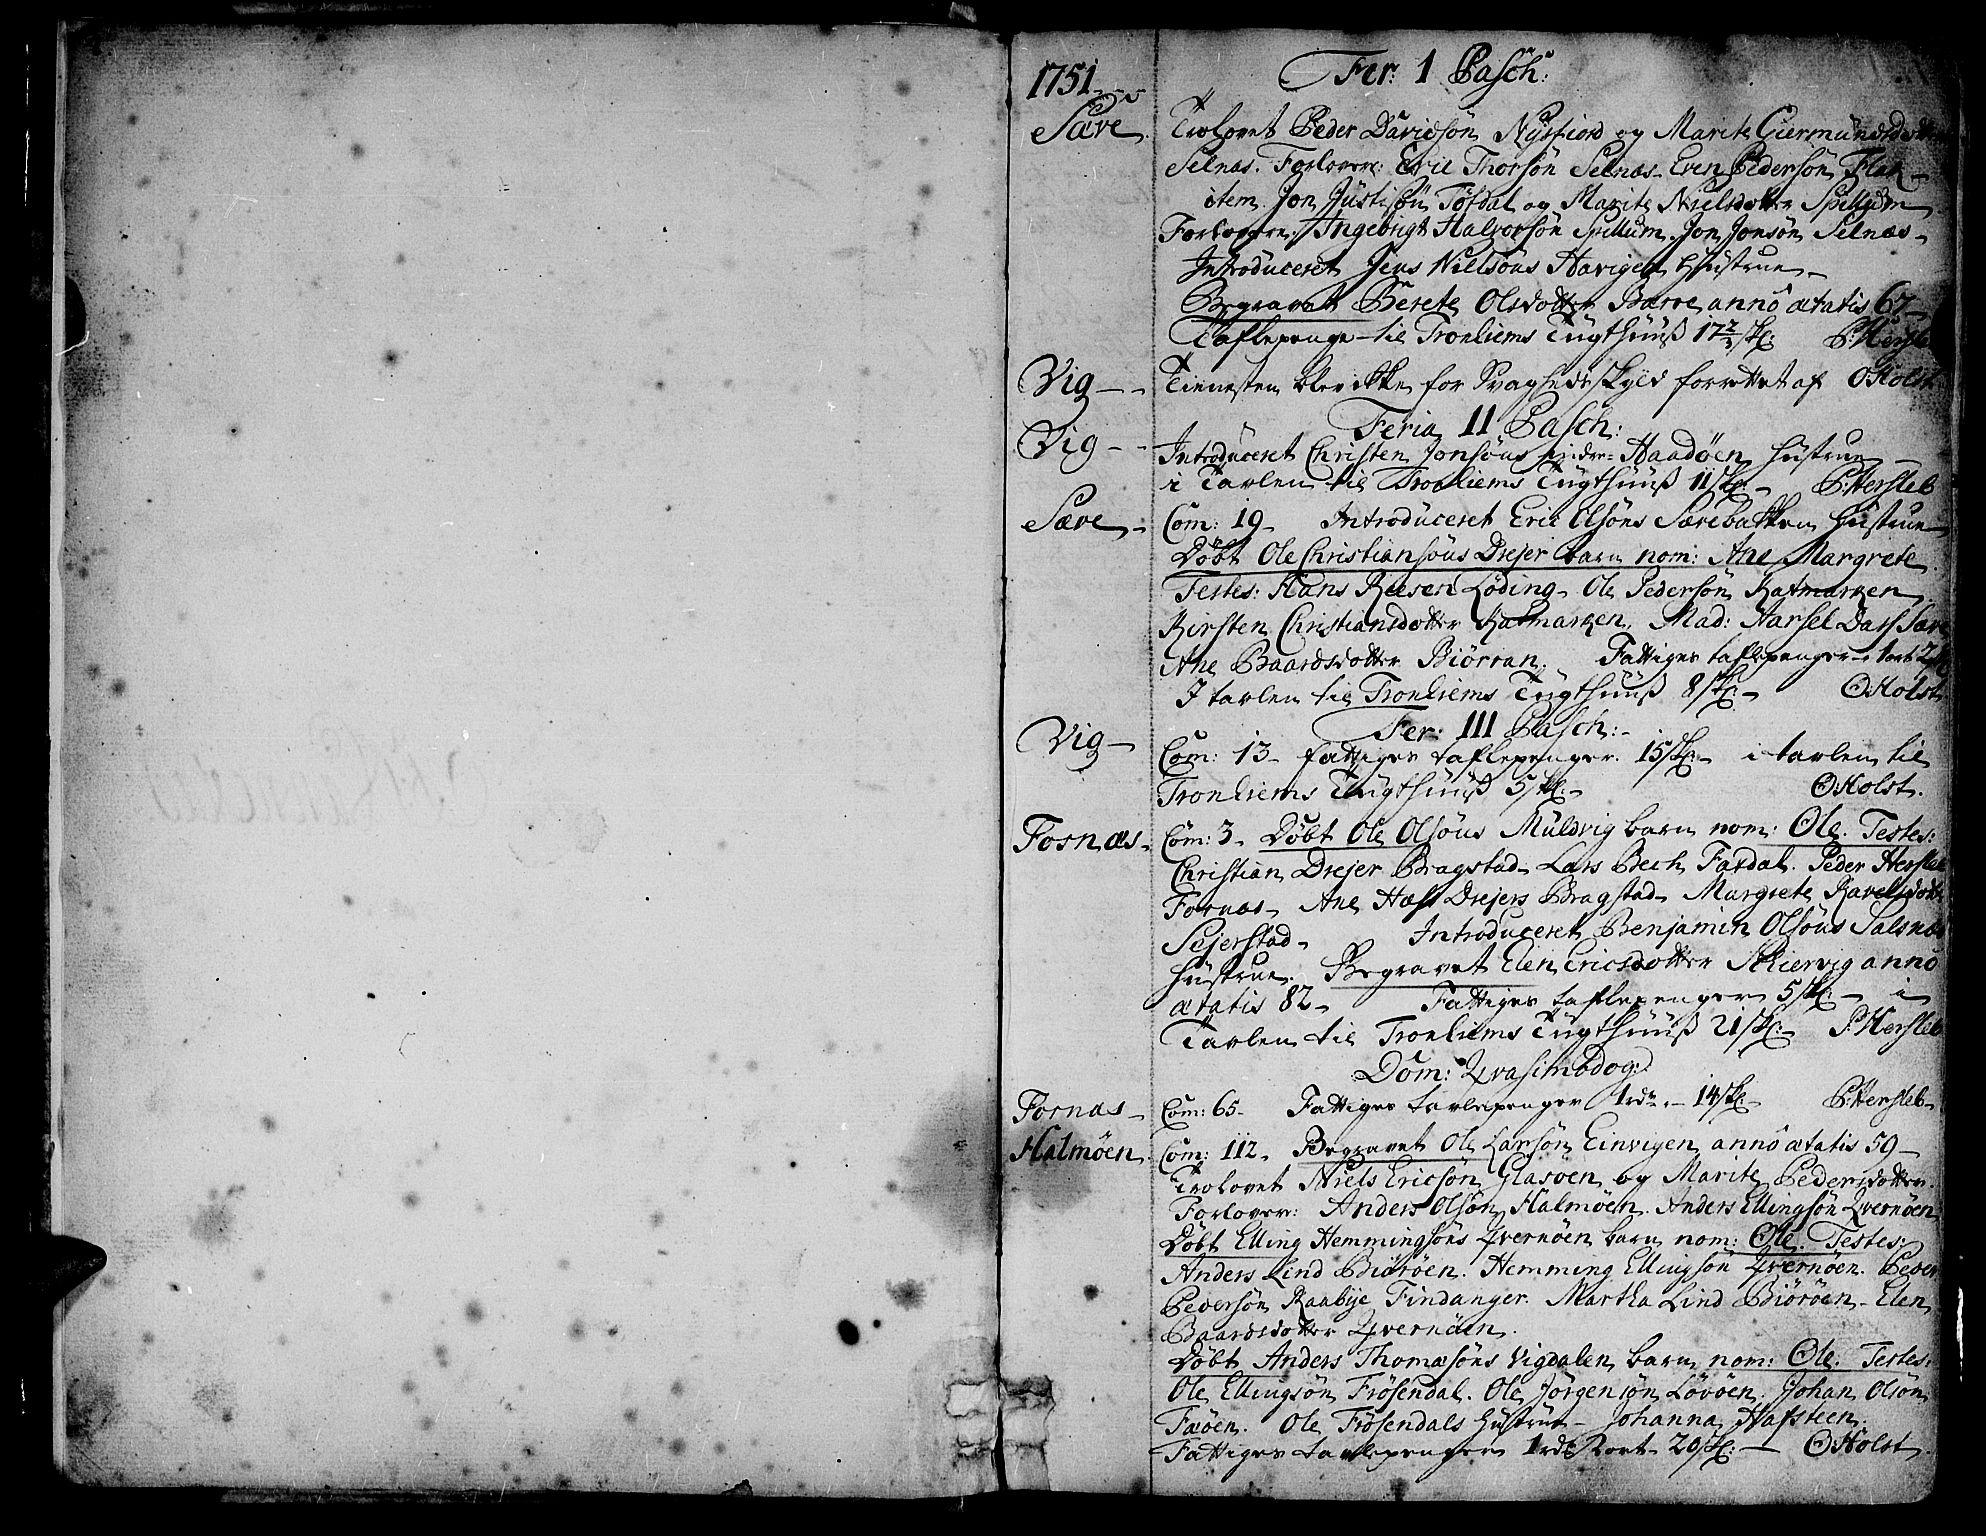 SAT, Ministerialprotokoller, klokkerbøker og fødselsregistre - Nord-Trøndelag, 773/L0607: Ministerialbok nr. 773A01, 1751-1783, s. 2-3